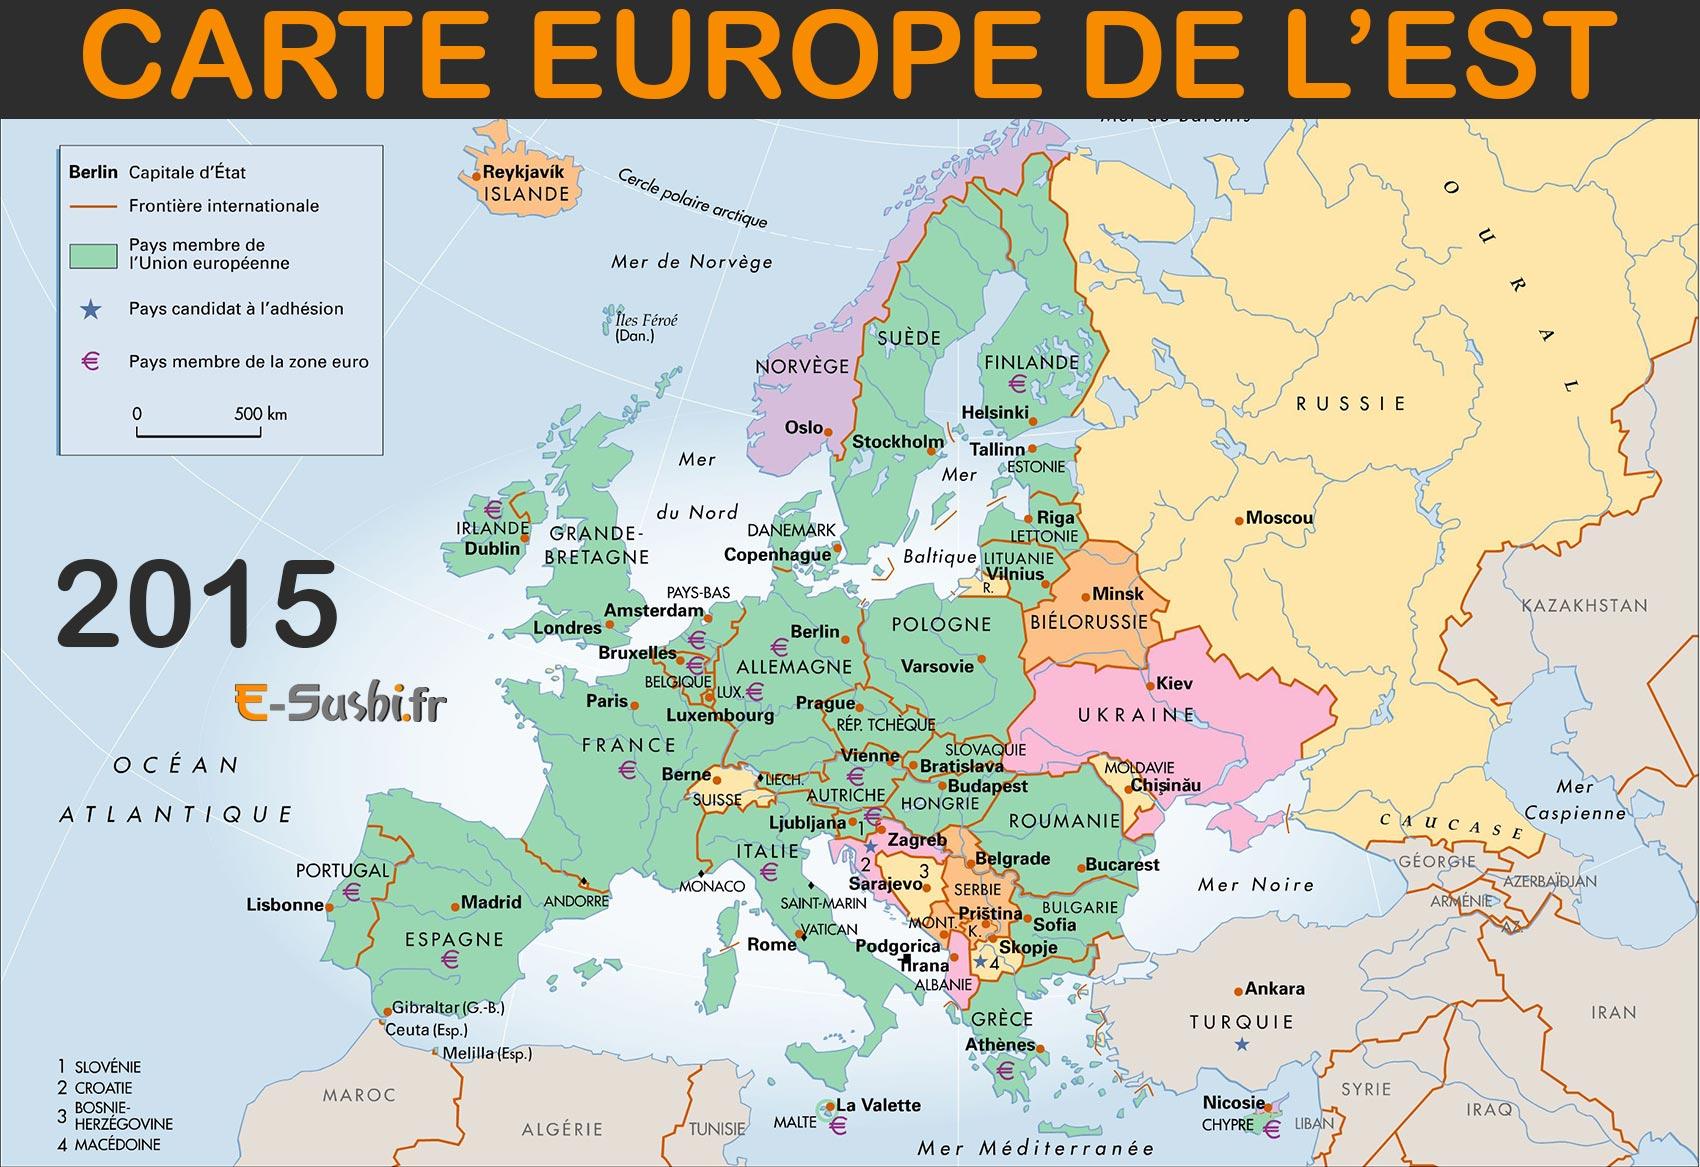 Carte Europe De L'est - Images Et Photos - Arts Et Voyages avec Carte Europe Vierge